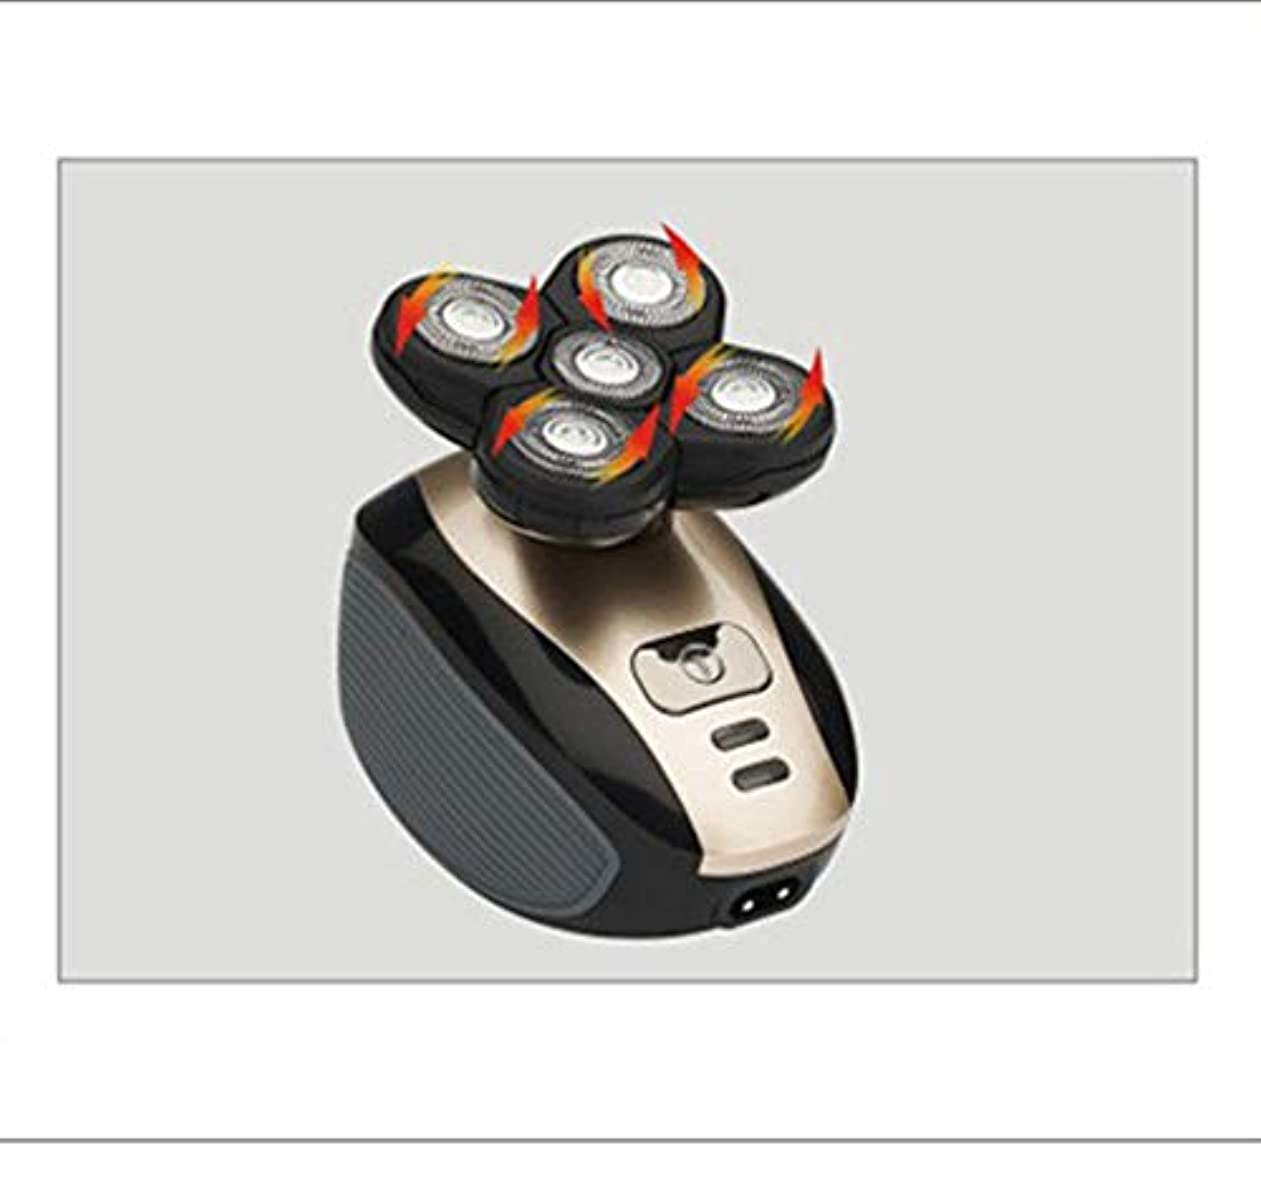 マトンジャニス暫定の電気かみそり、5つのフローティングヘッドを持つ男性用の1つの充電式USB防水5Dロータリーシェーバートリマーグルーミングキット、5人用男性用鼻毛トリマーフェイシャルシェーバードライおよびウェットグルー